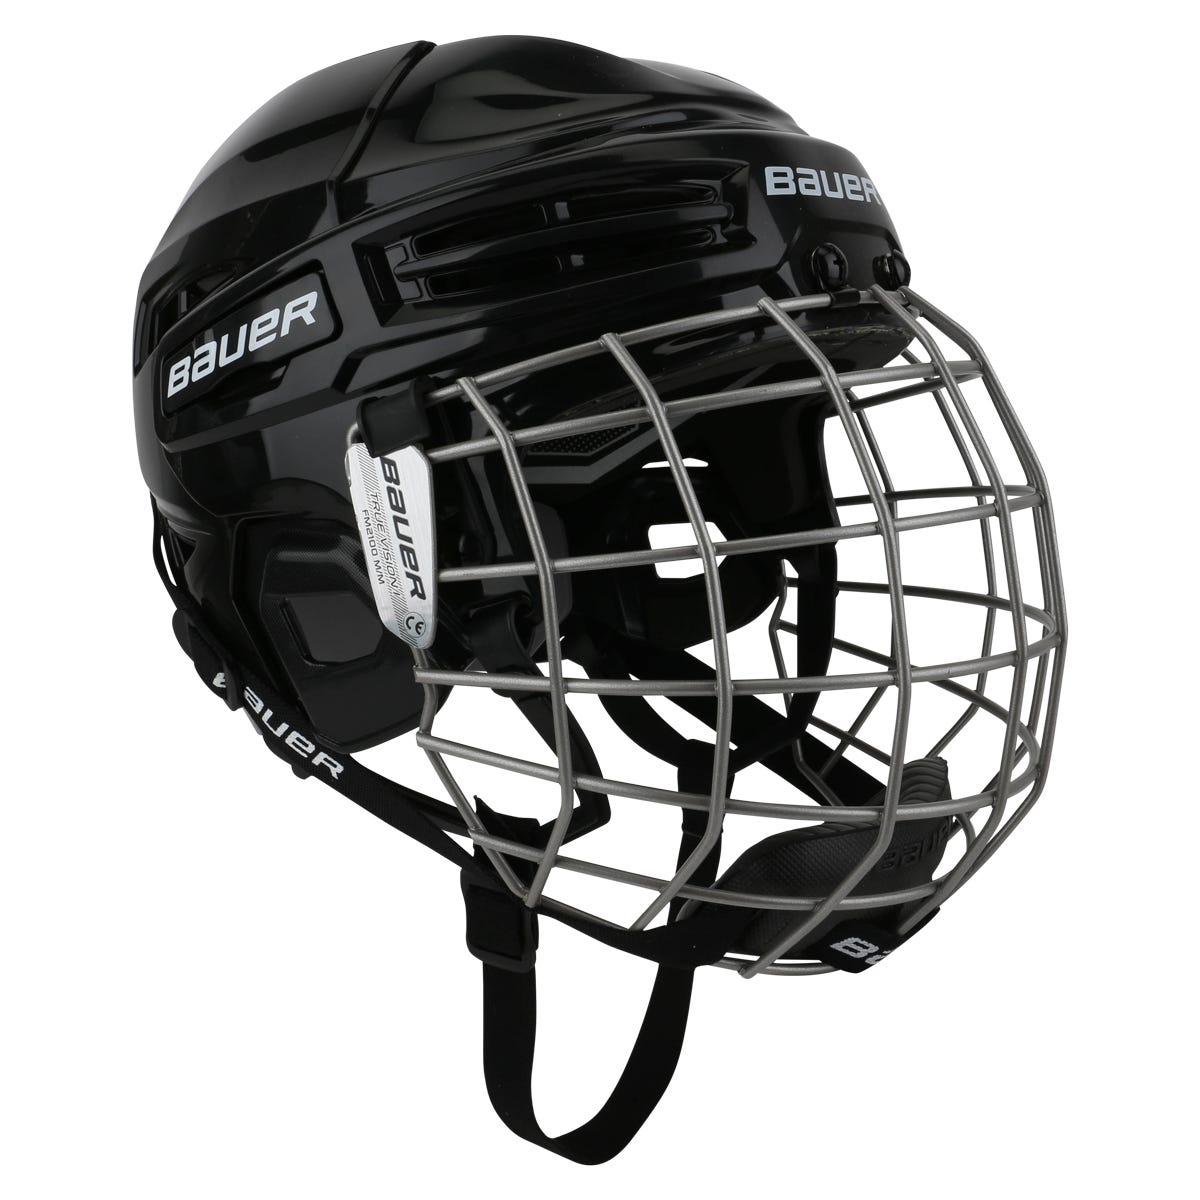 c57b9d4c SKU-MS1326021 Bauer IMS 5.0 Hockey Helmet Combo from Hockey Monkey